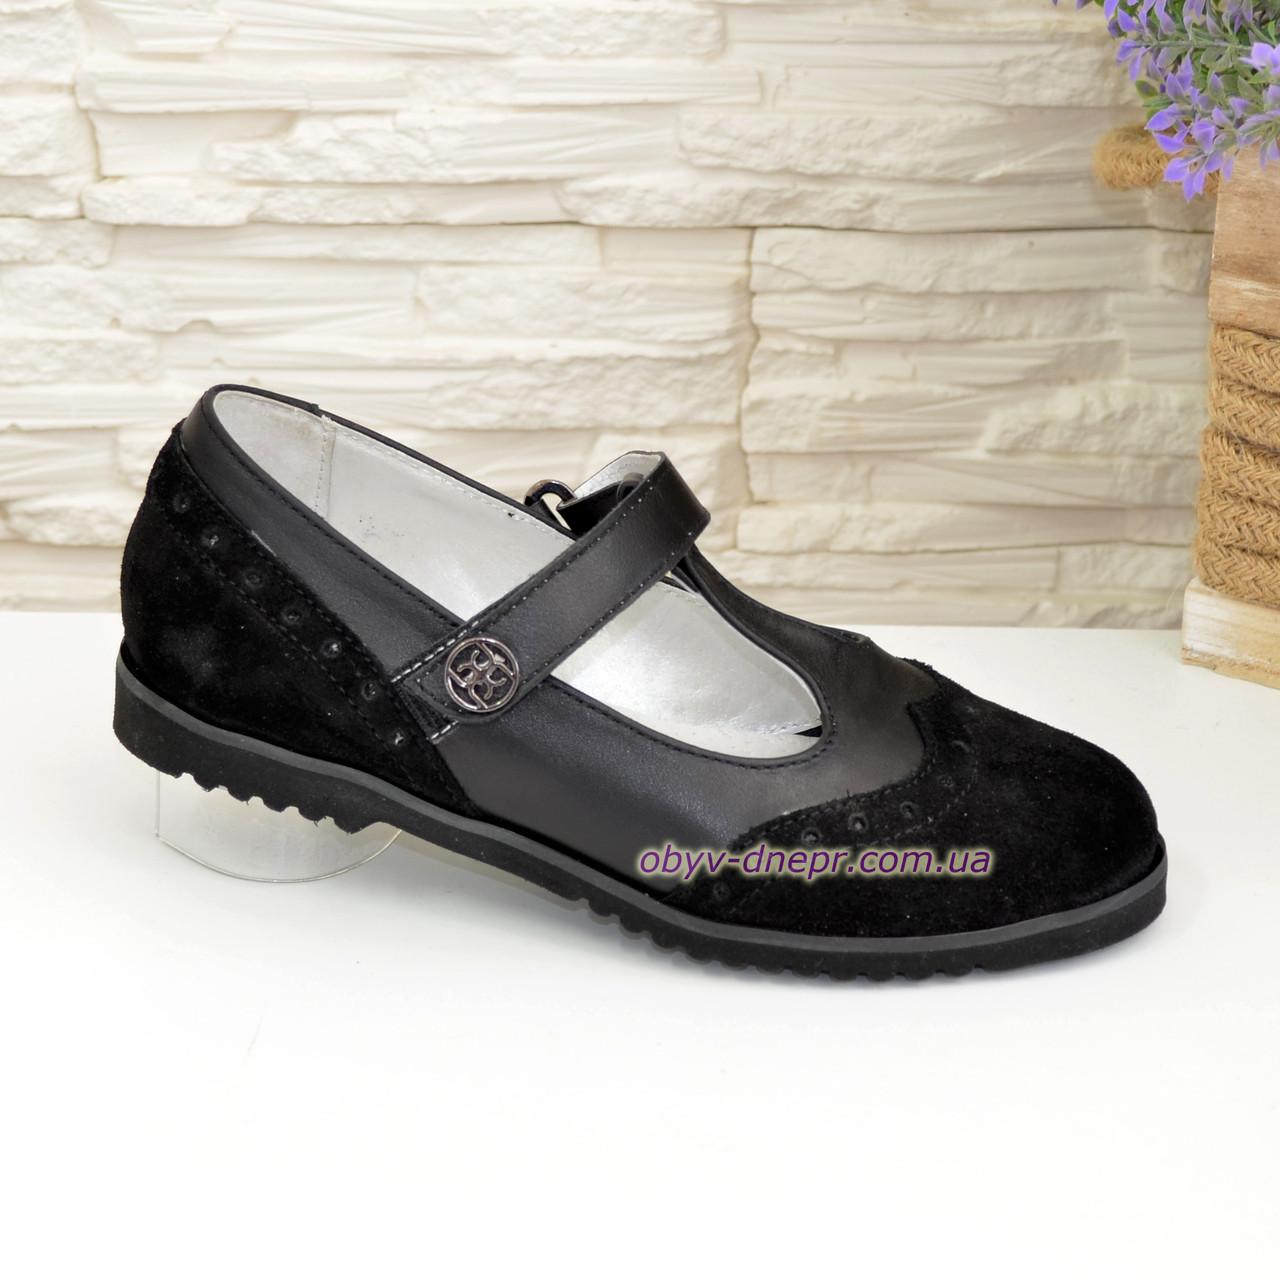 ada22b7a9 Красивые туфли для девочек, натуральная кожа и замша - Интернет-магазин